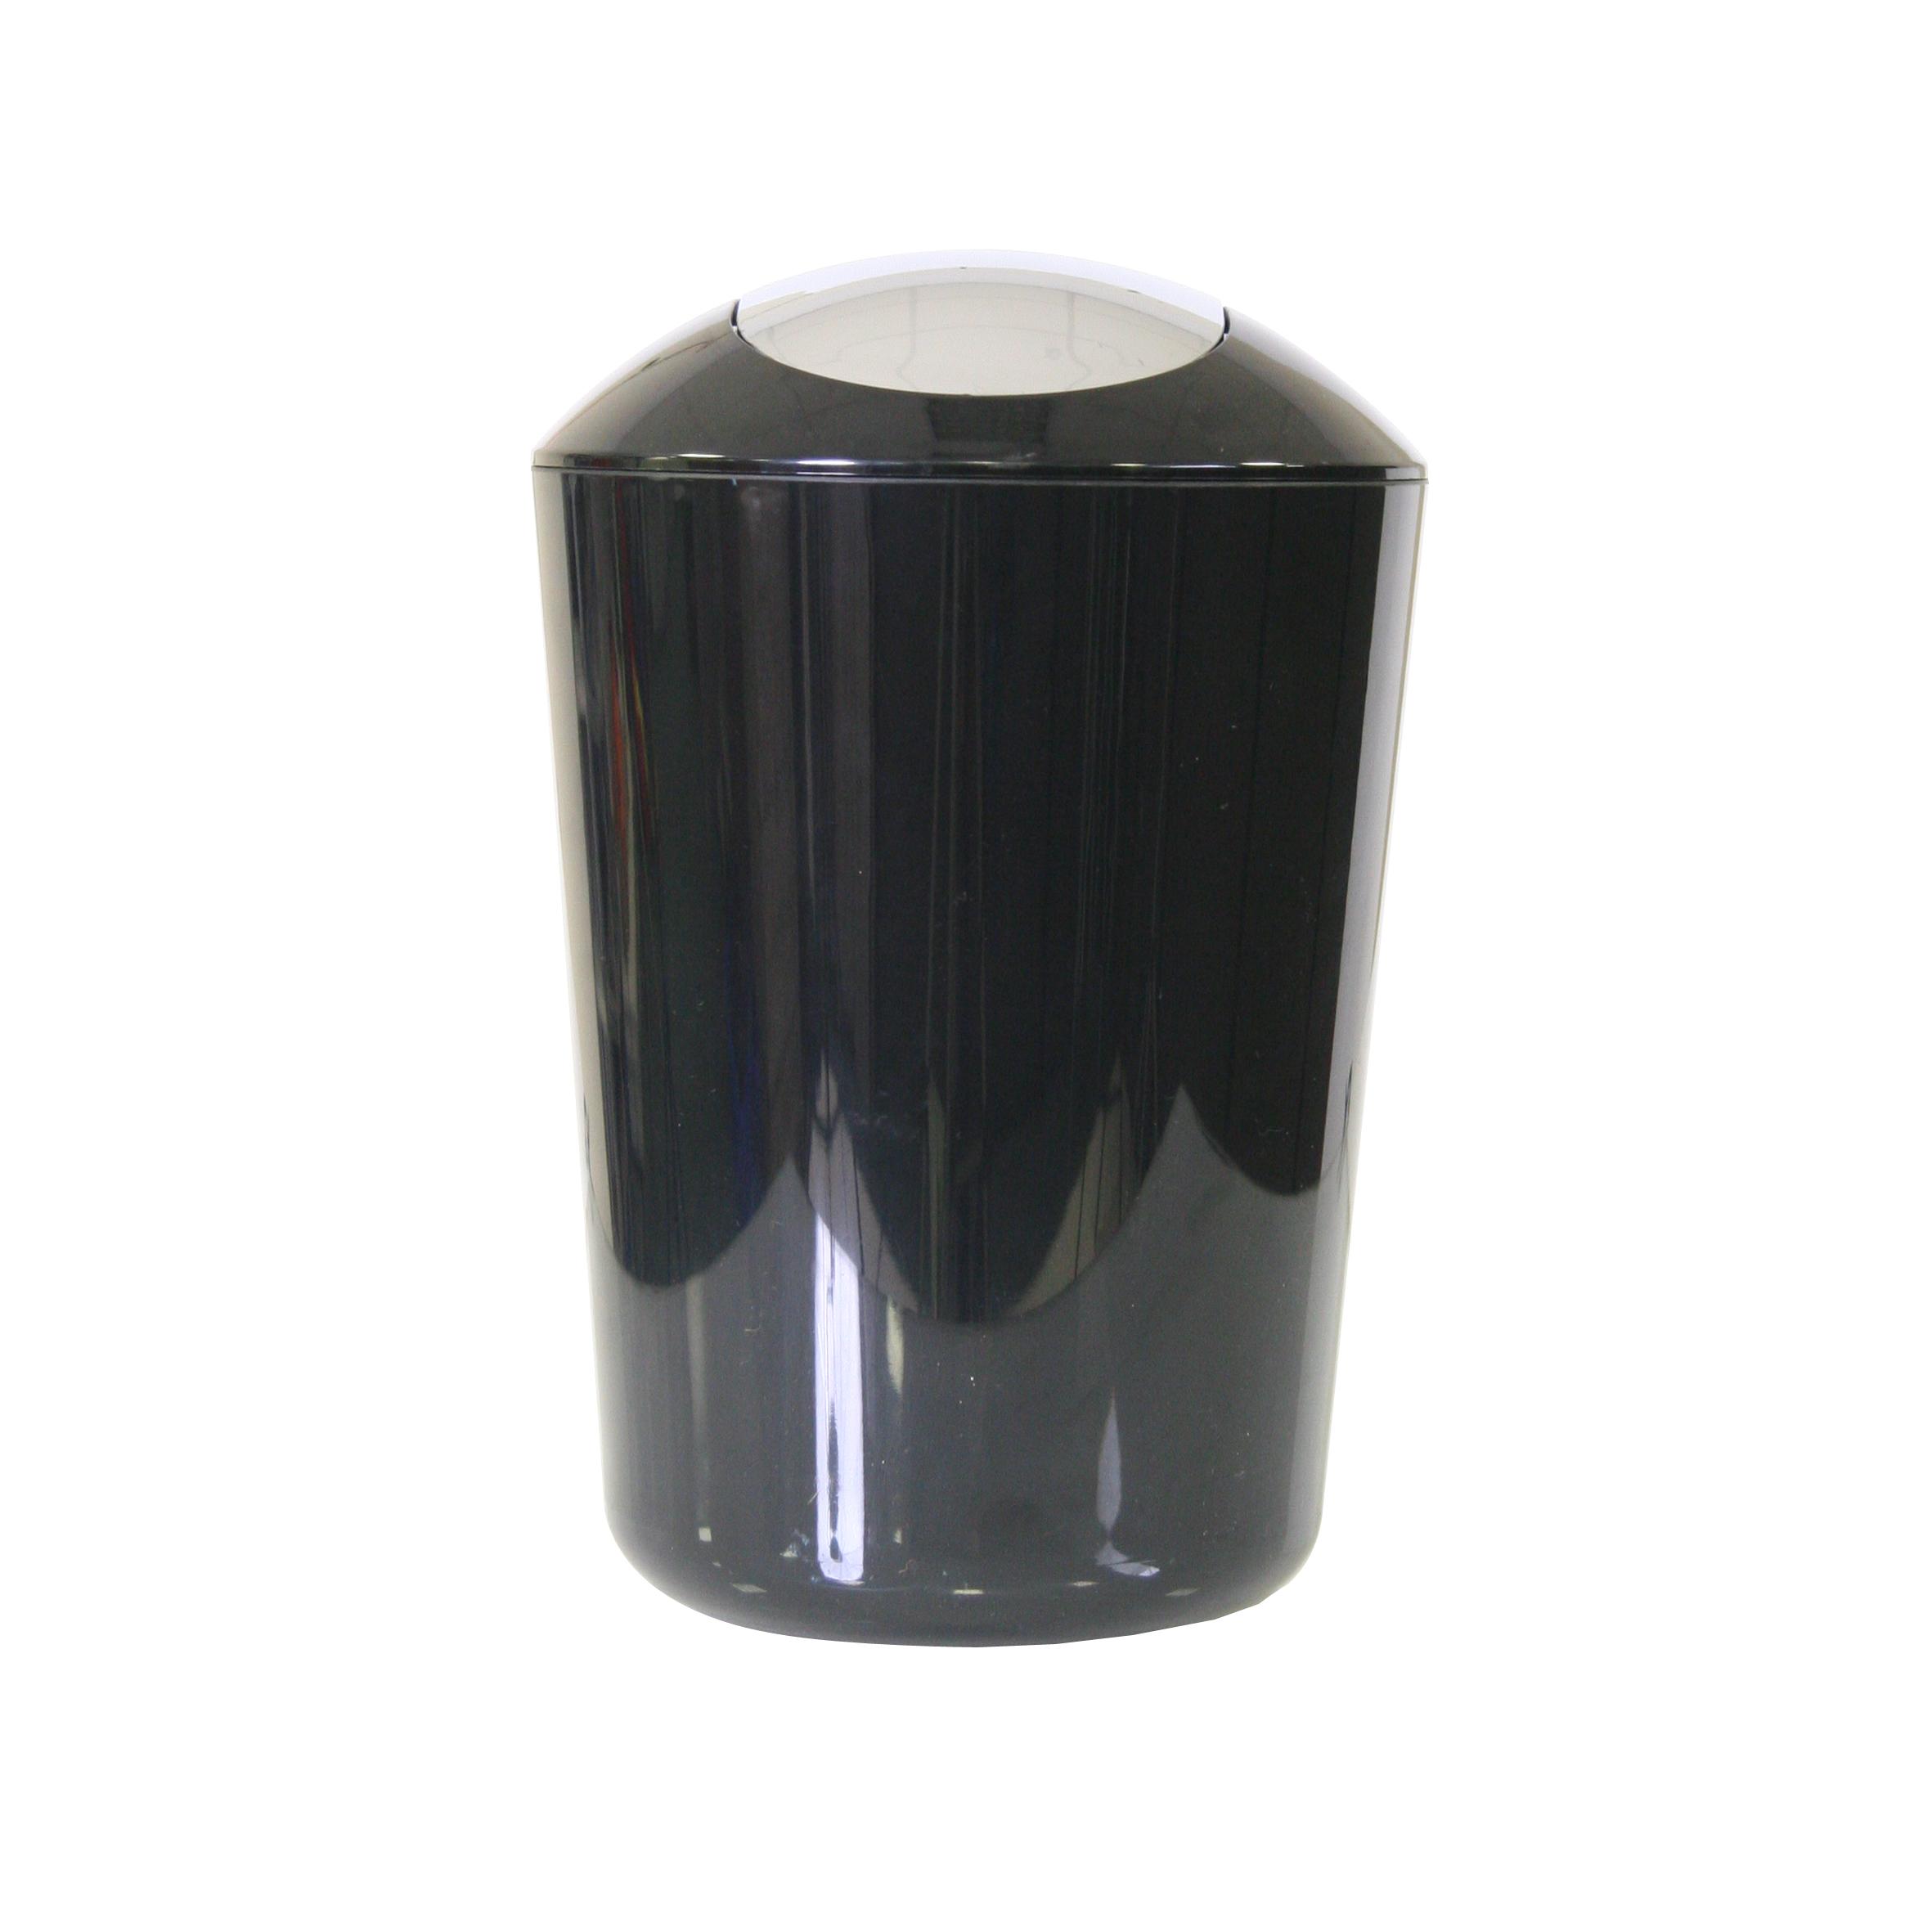 Ведро для мусора Axentia, с крышкой, цвет: черный, хром, 5 л251081Глянцевое ведро для мусора Axentia, выполненное из высококачественного износостойкого пластика, оснащено хромированную крышку типа качели. Подходит для использования в ванной комнате или на кухне. Стильный дизайн и яркая расцветка прекрасно подойдет для любого интерьера ванной комнаты или кухни. Размер ведра: 20 х 20 х 30 см. Объем ведра: 5 л.